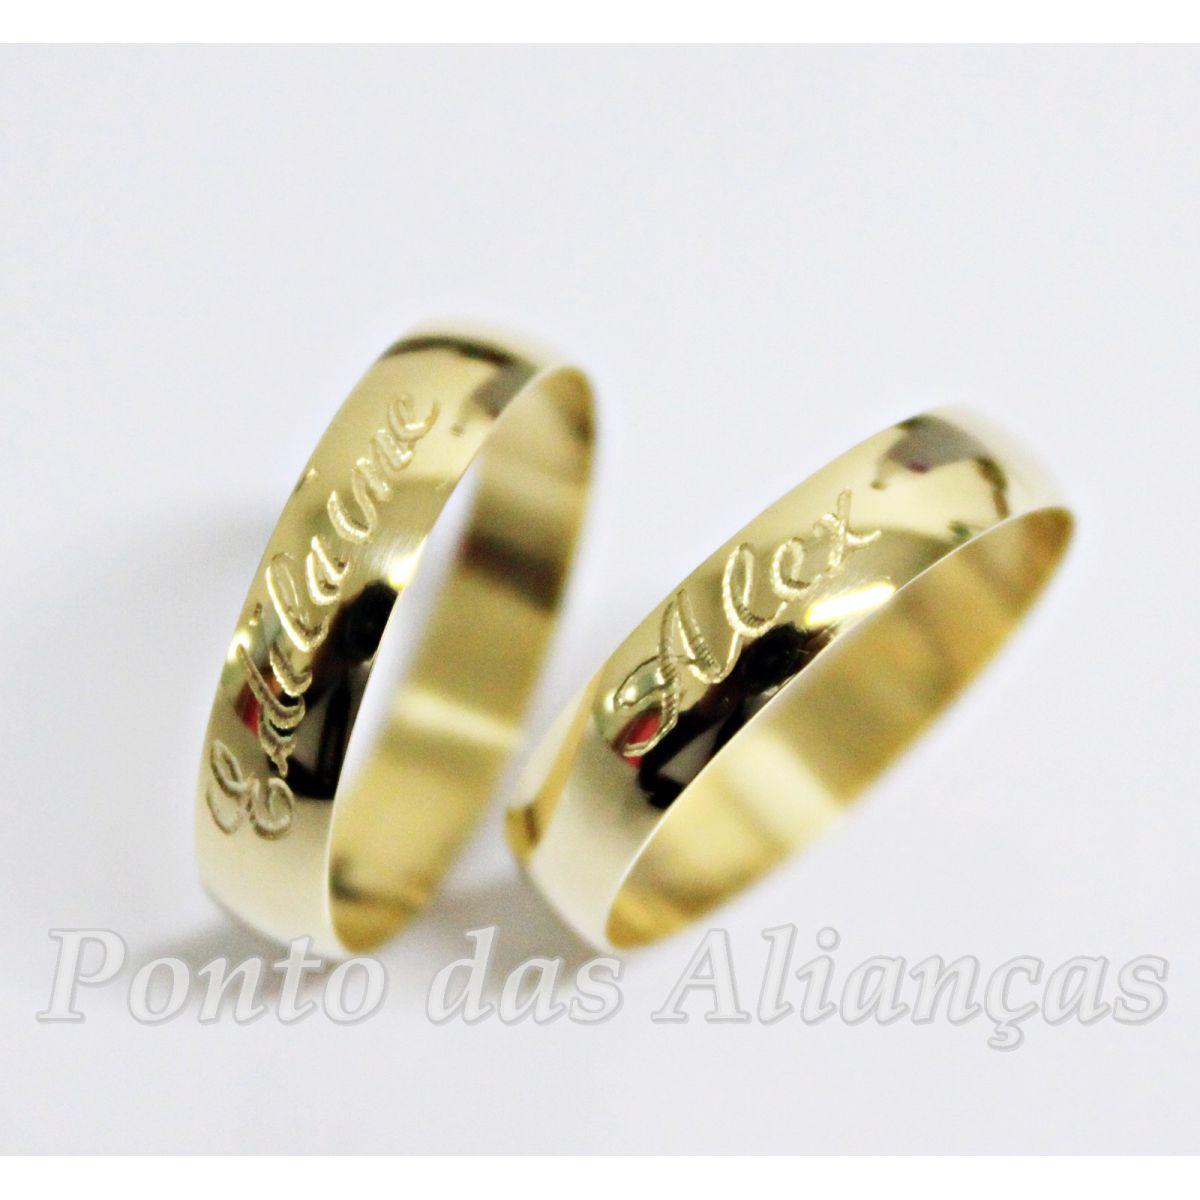 Alianças de Ouro Casamento ou Noivado - 742F